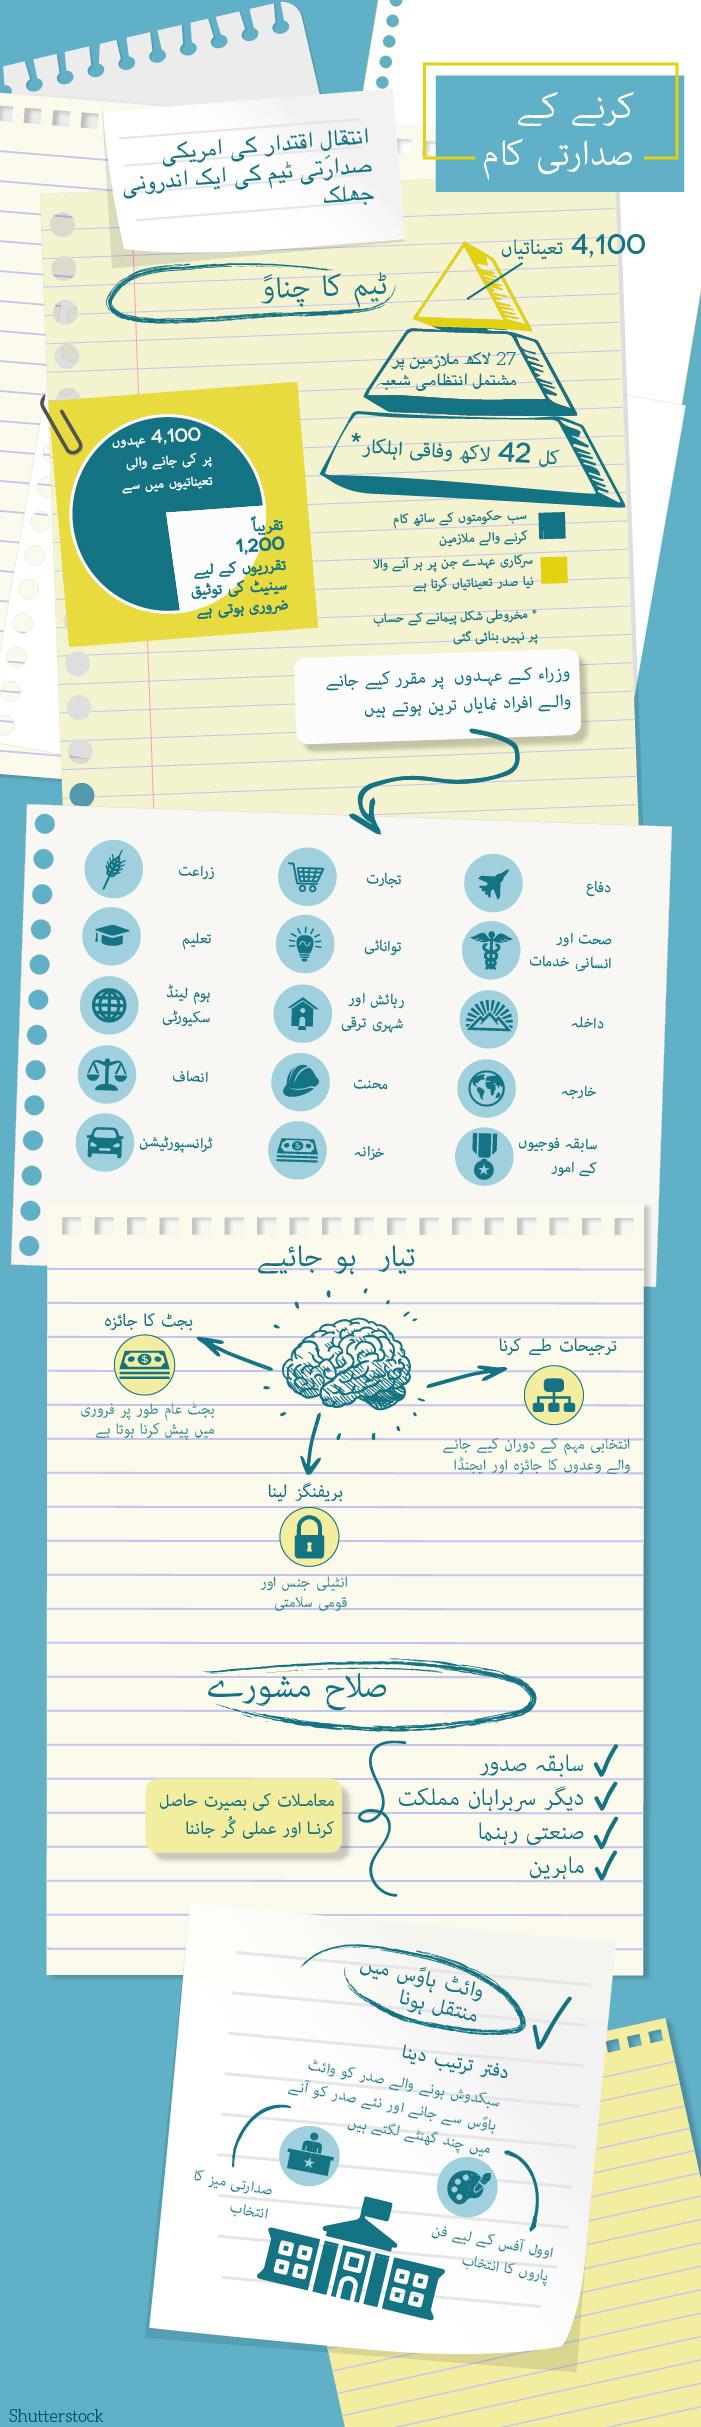 MF_Transition_Checklist-Urdu